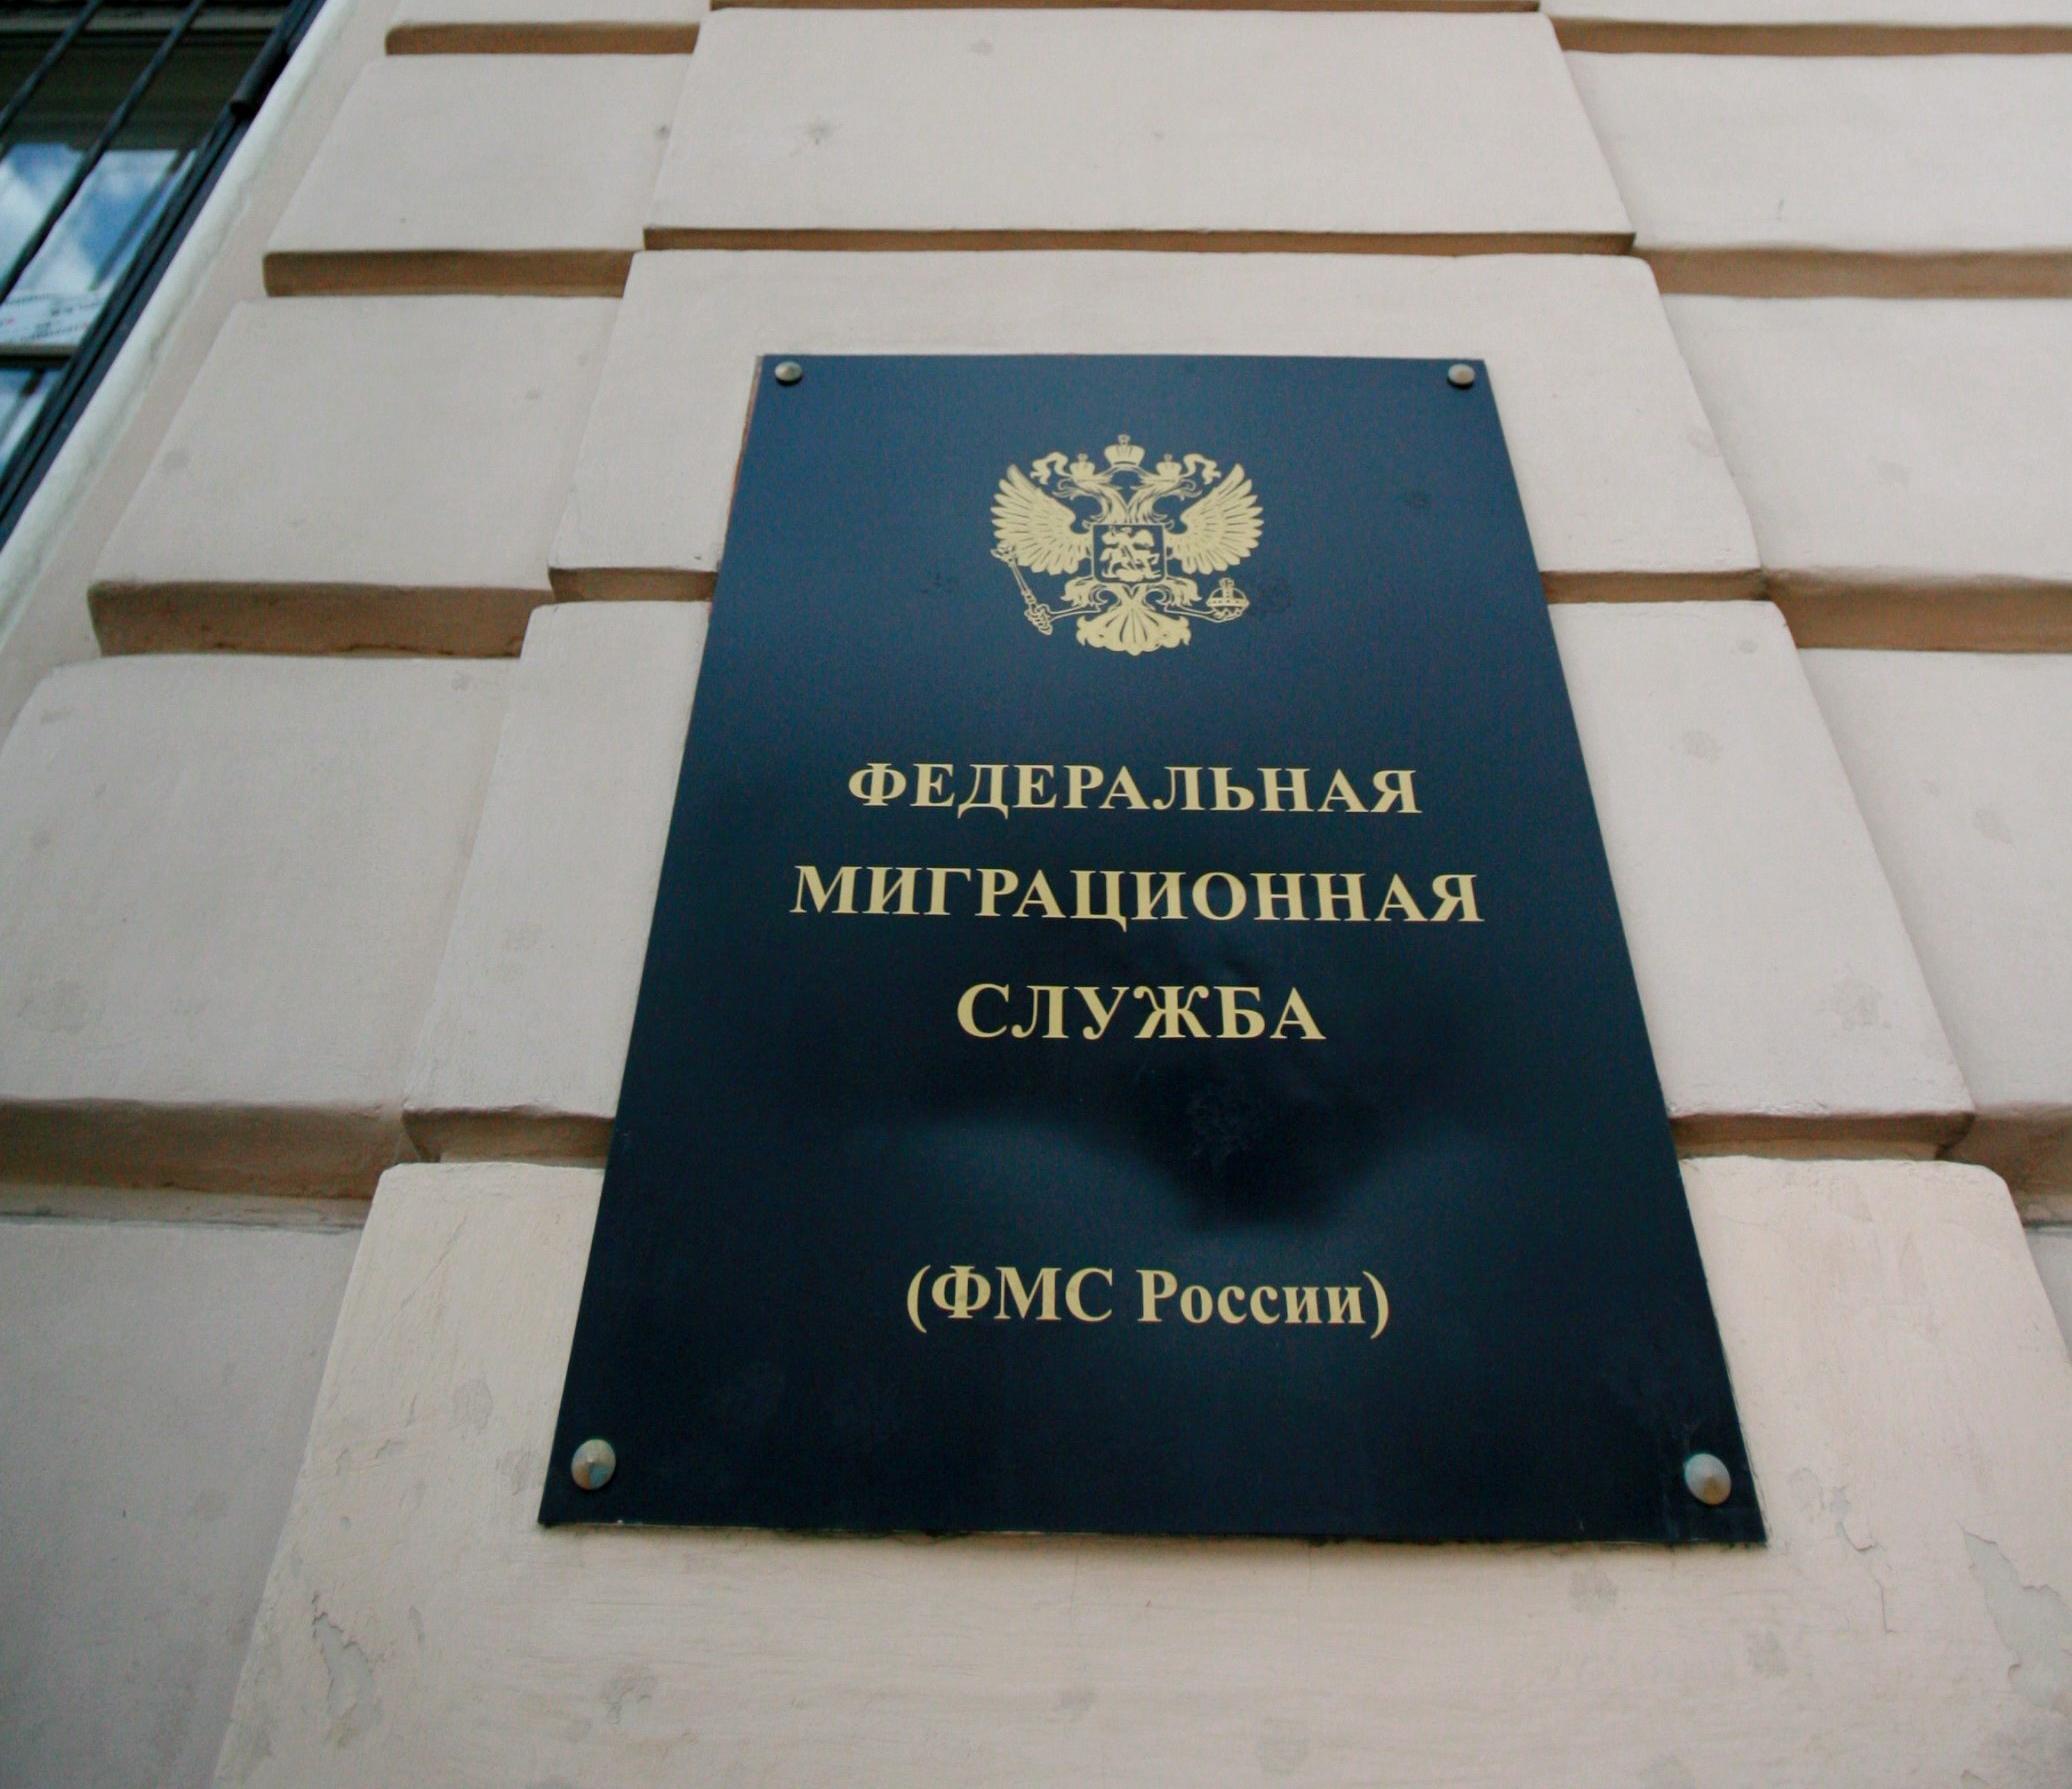 Уфмс россии замена загранпаспорта - Все о …